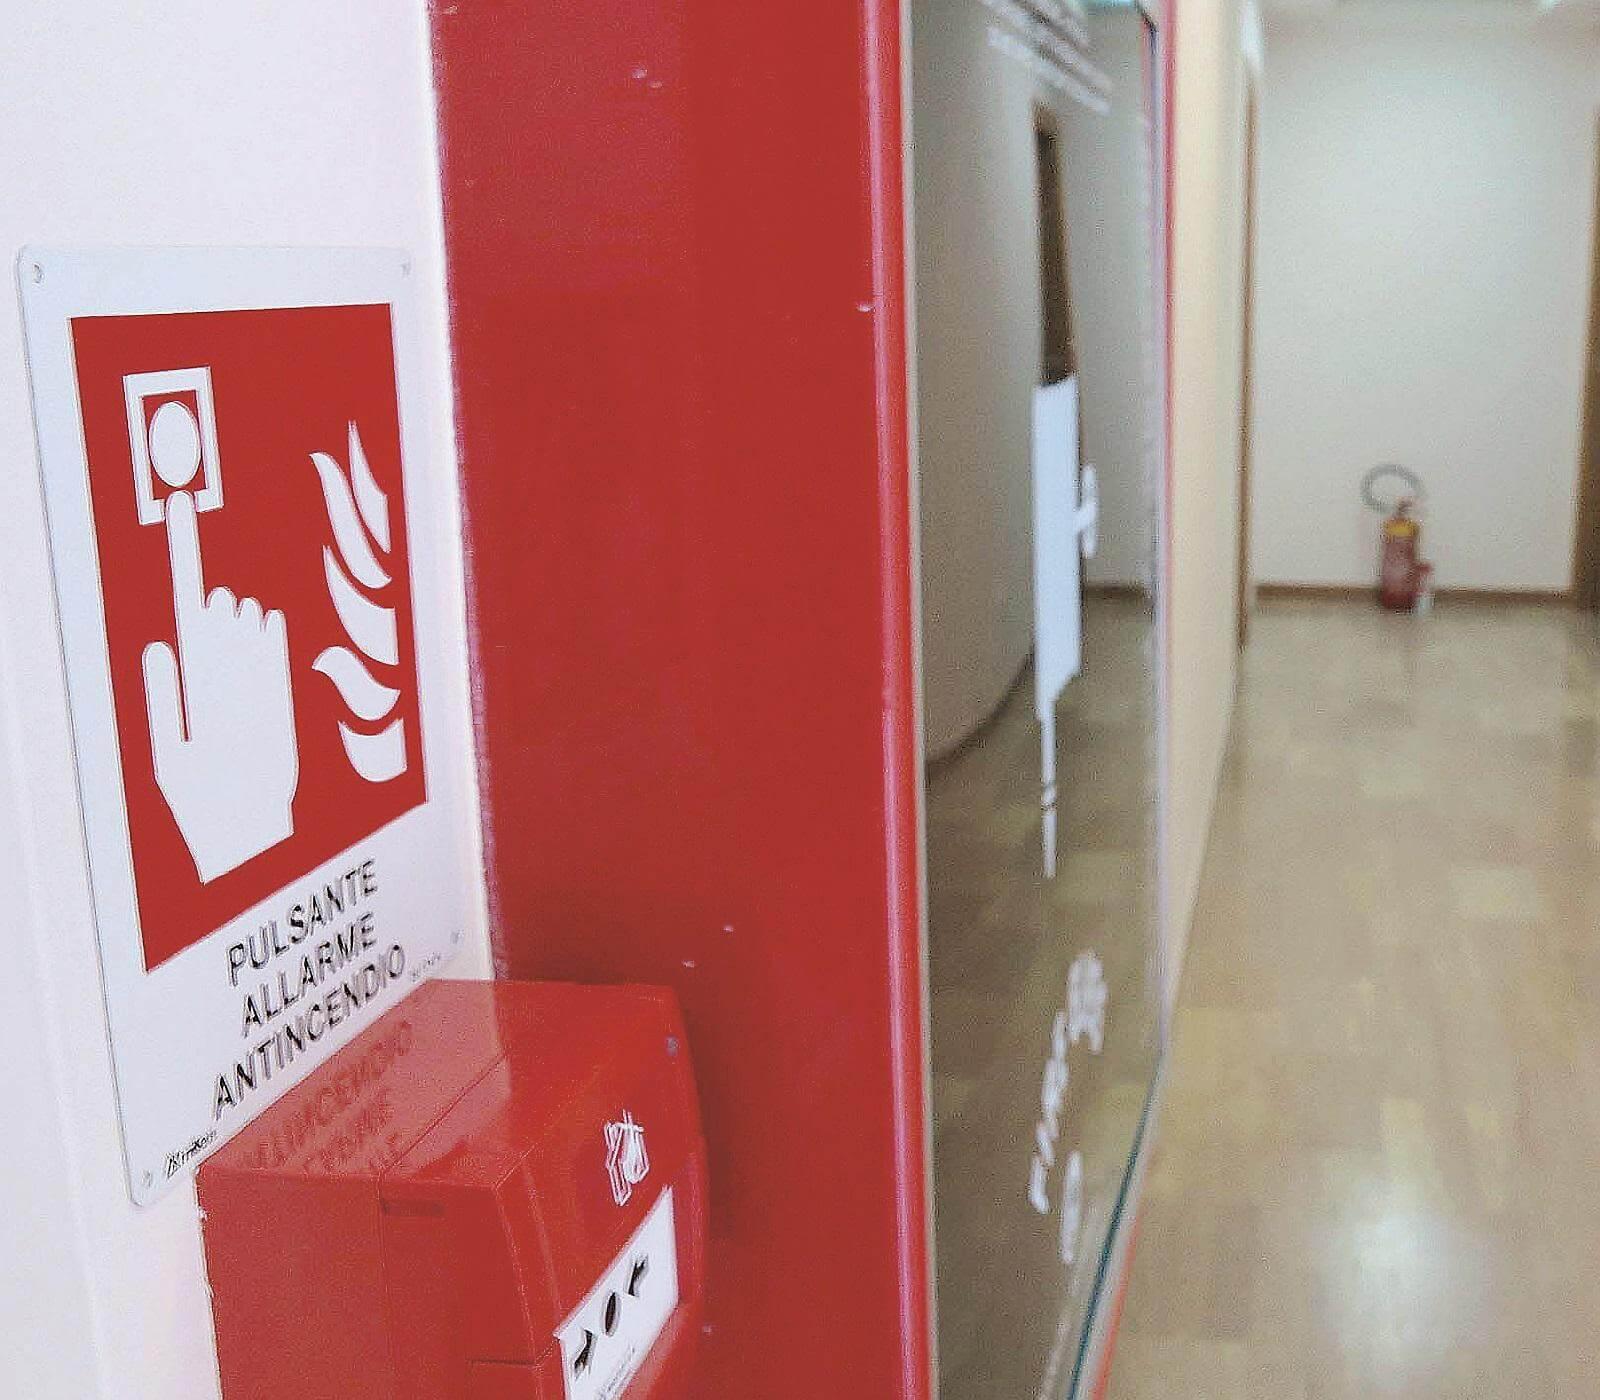 Proroga adeguamenti antincendio per attività turistico-alberghiere oltre 25 posti letto